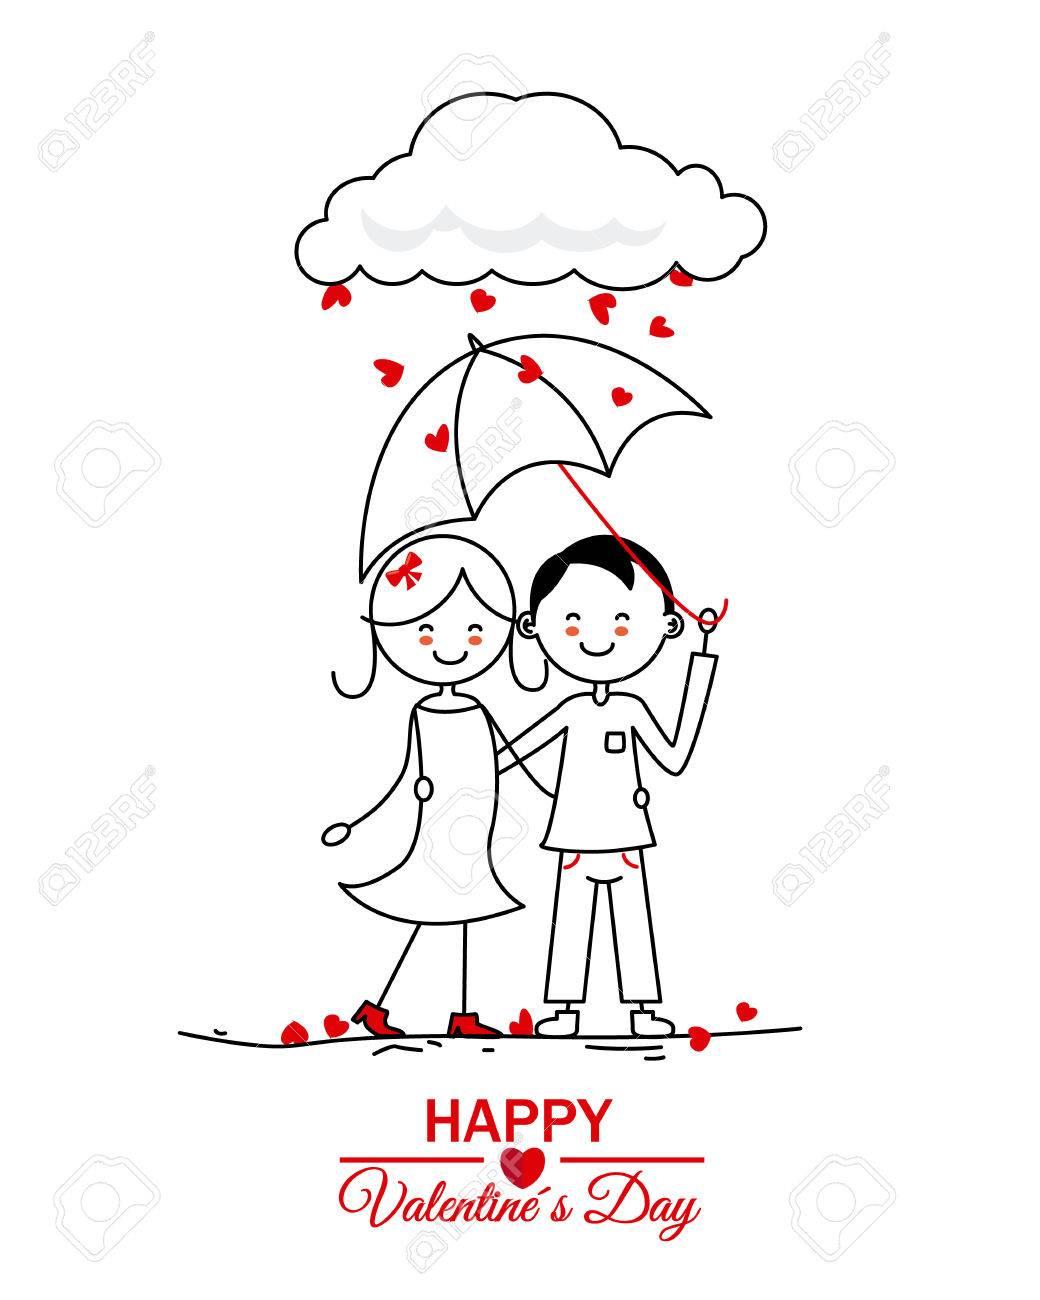 Feliz Día De San Valentín Pareja Bajo La Lluvia De Corazones